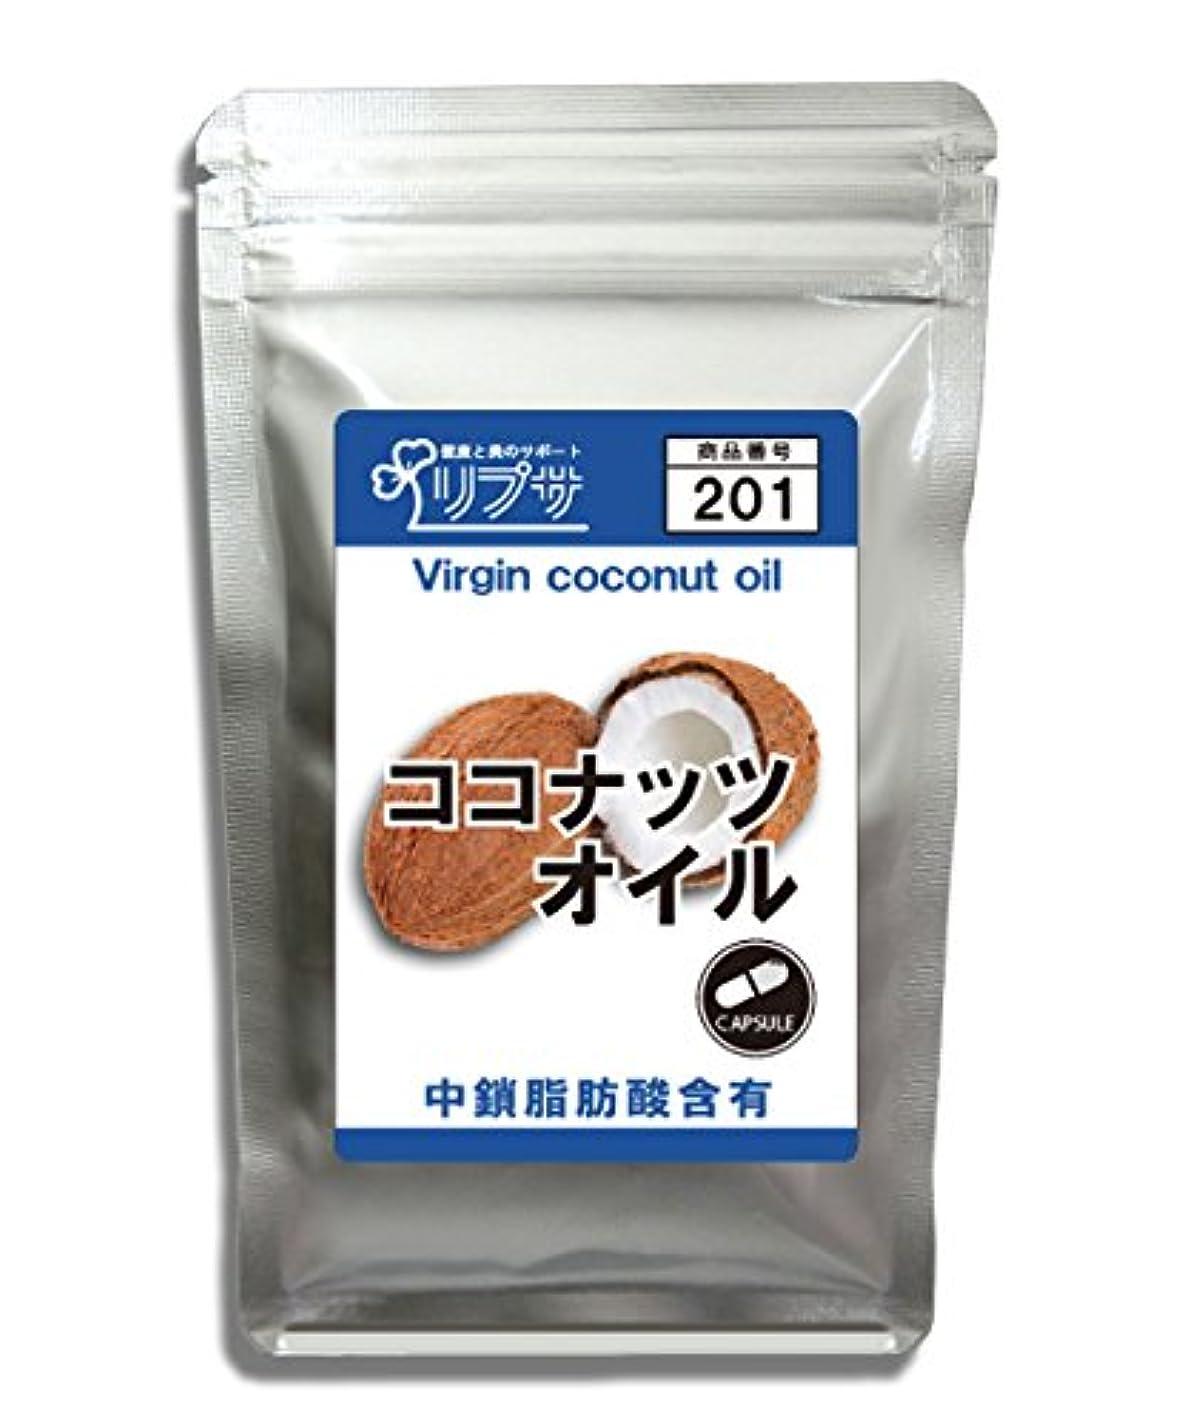 虎焼く偏見ココナッツオイル 約1か月分 C-201